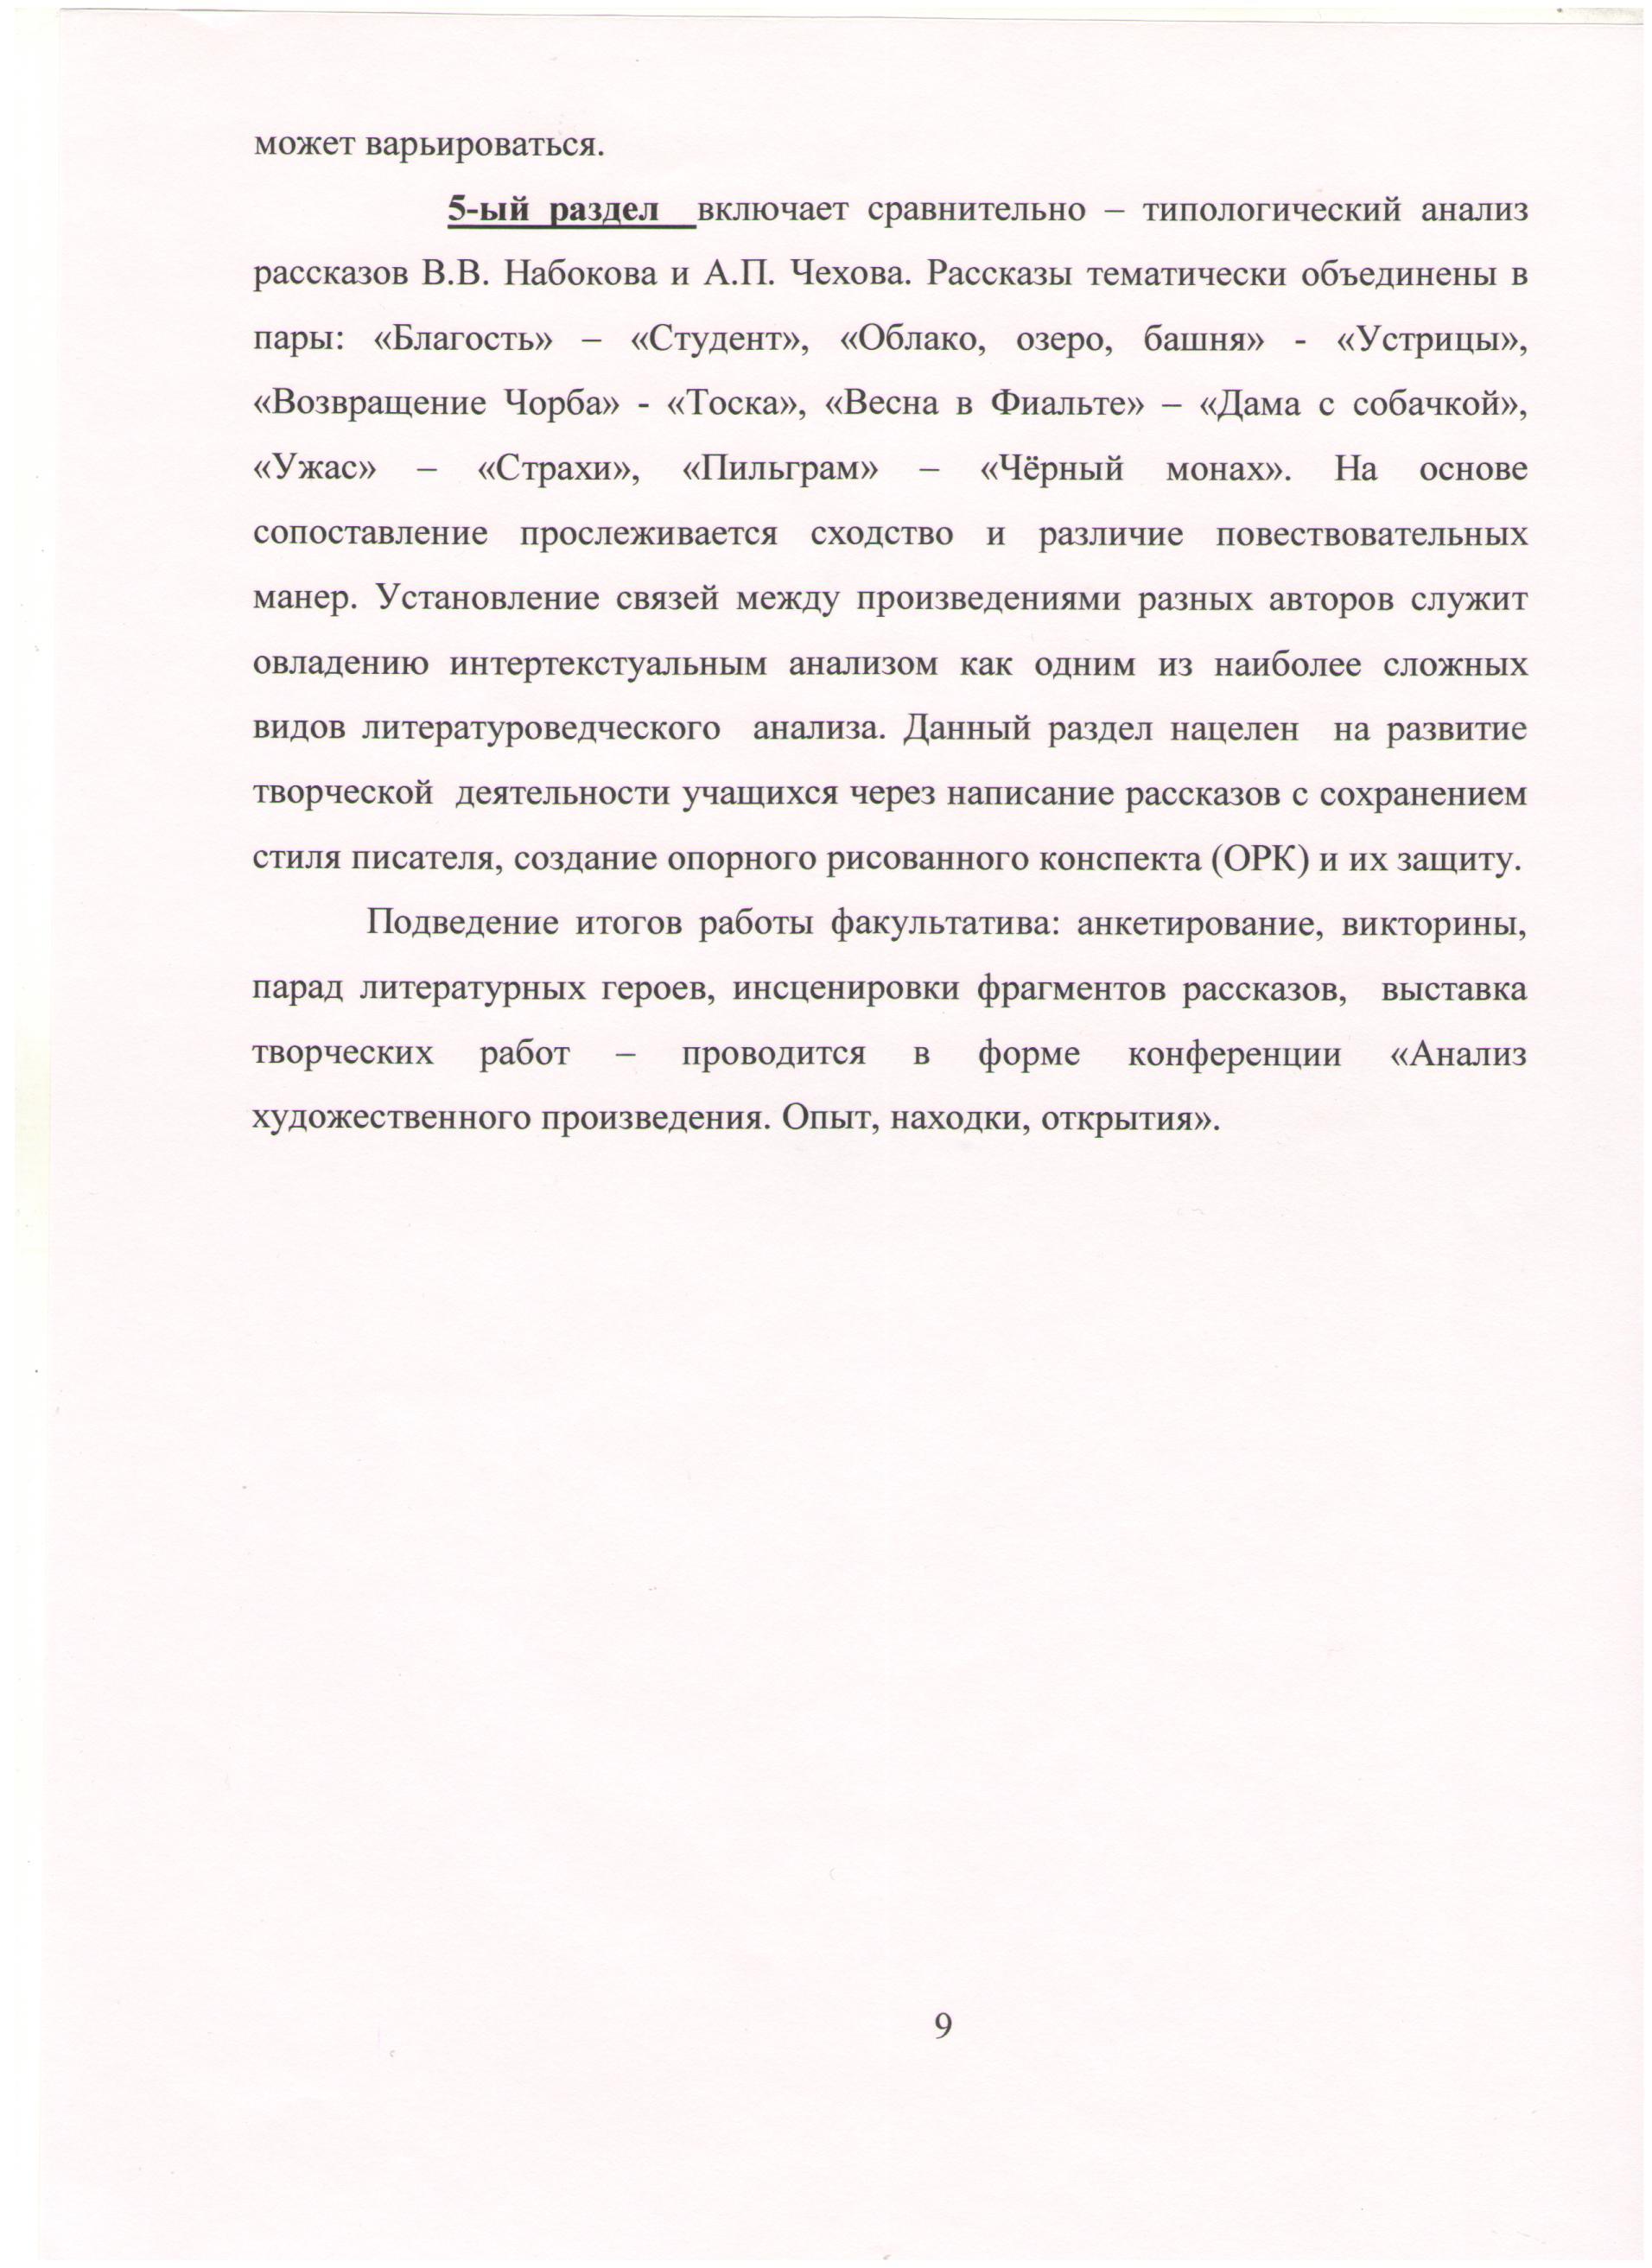 C:\Documents and Settings\Учитель\Рабочий стол\Новая папка\Работа Светы 4.jpg